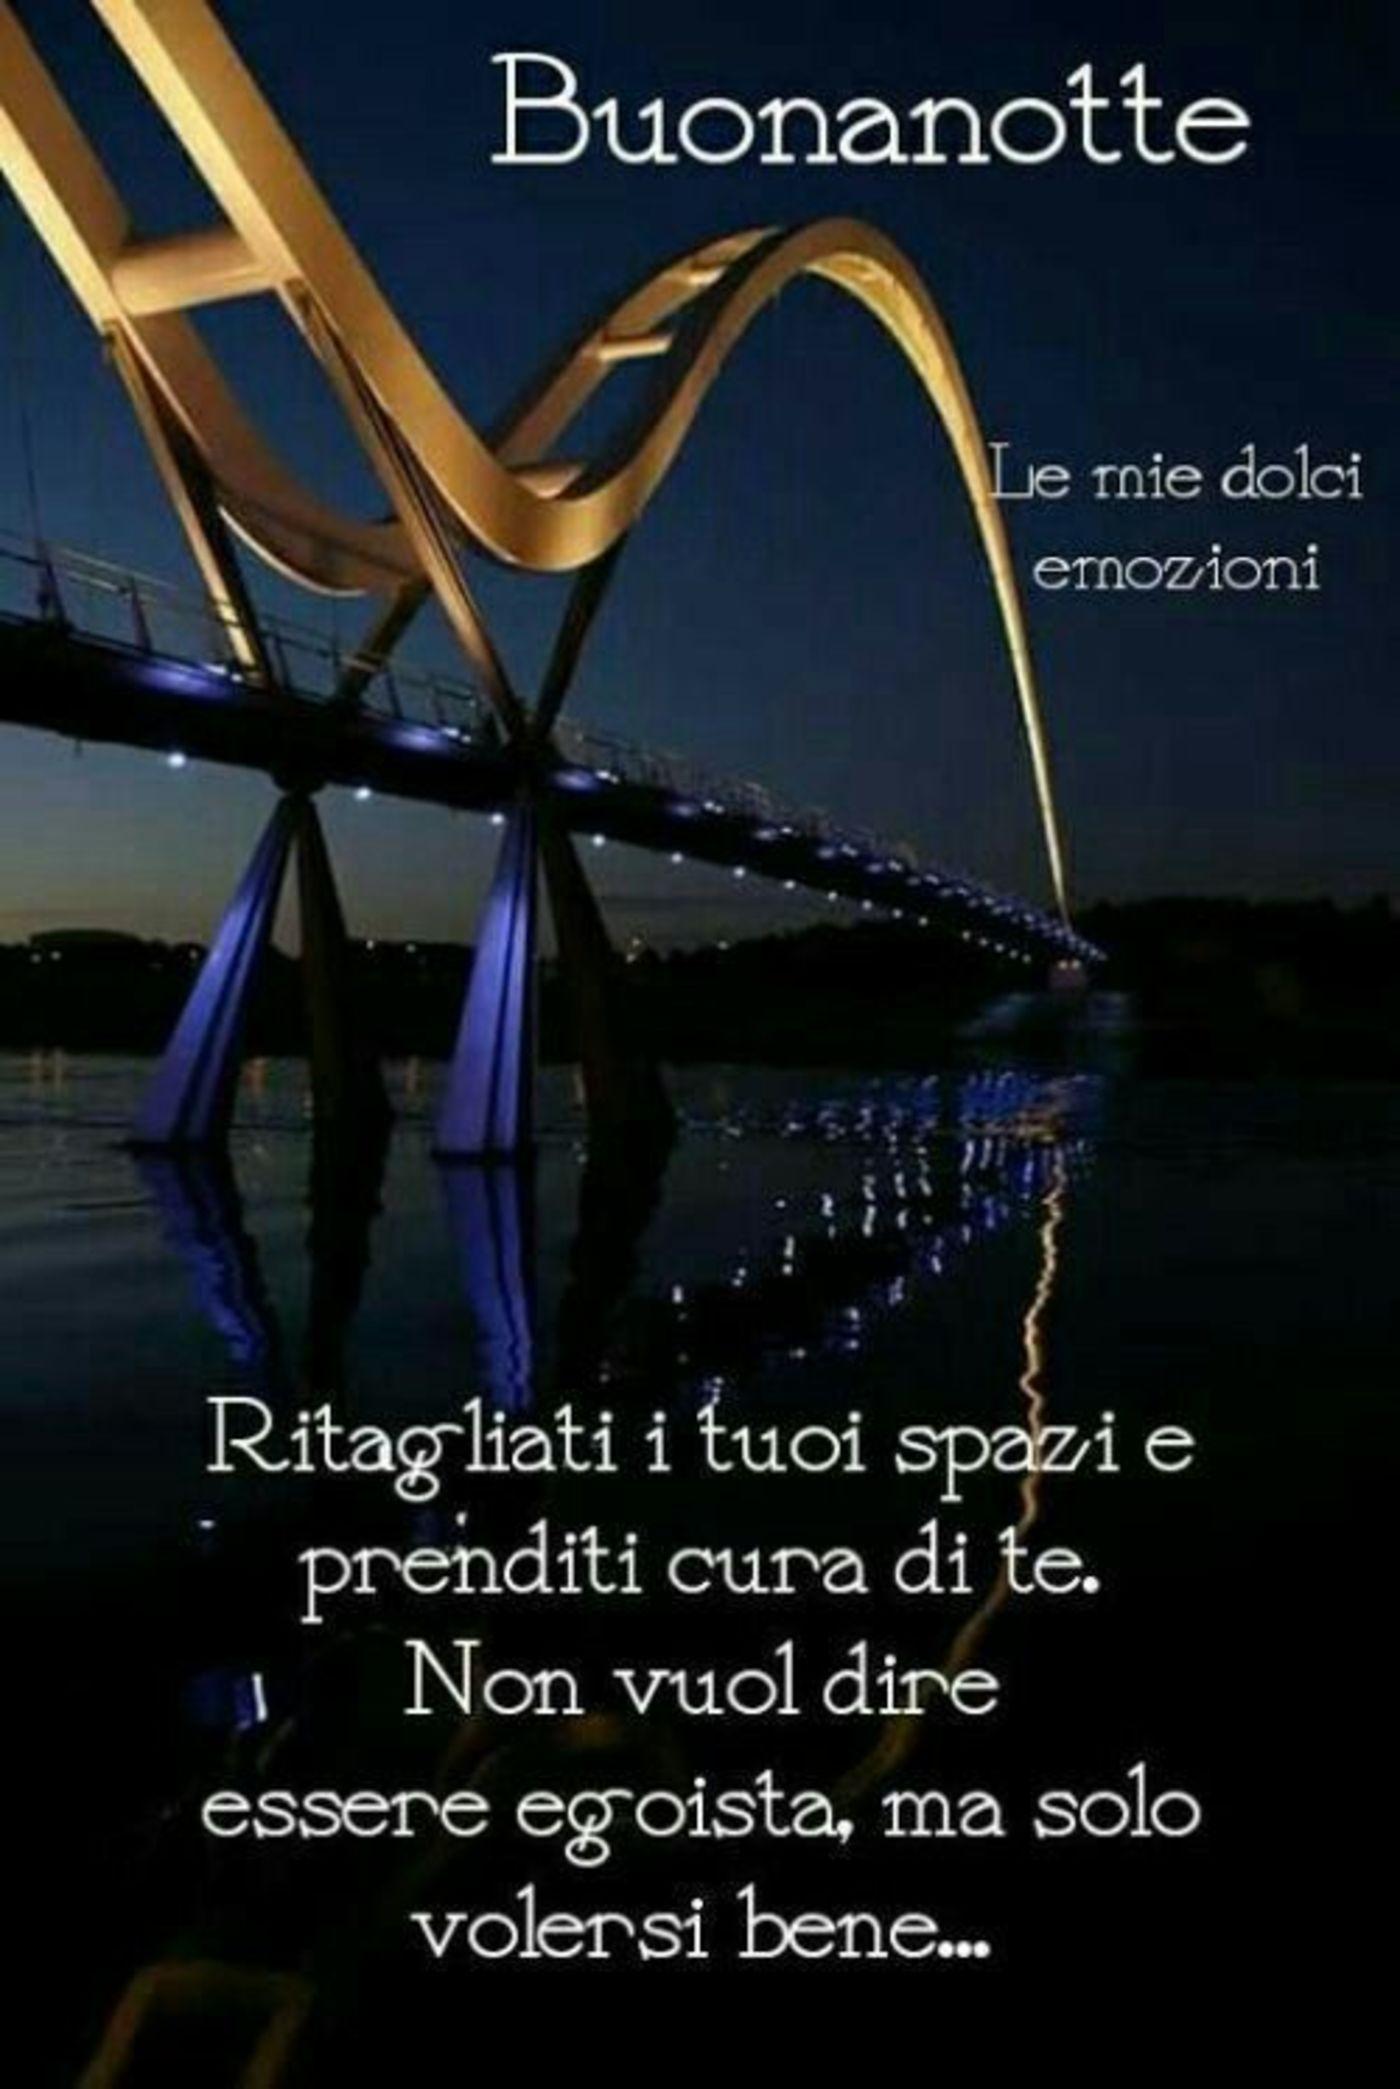 Buonanotte E Sogni D Oro 5627 Buongiornissimocaffe It